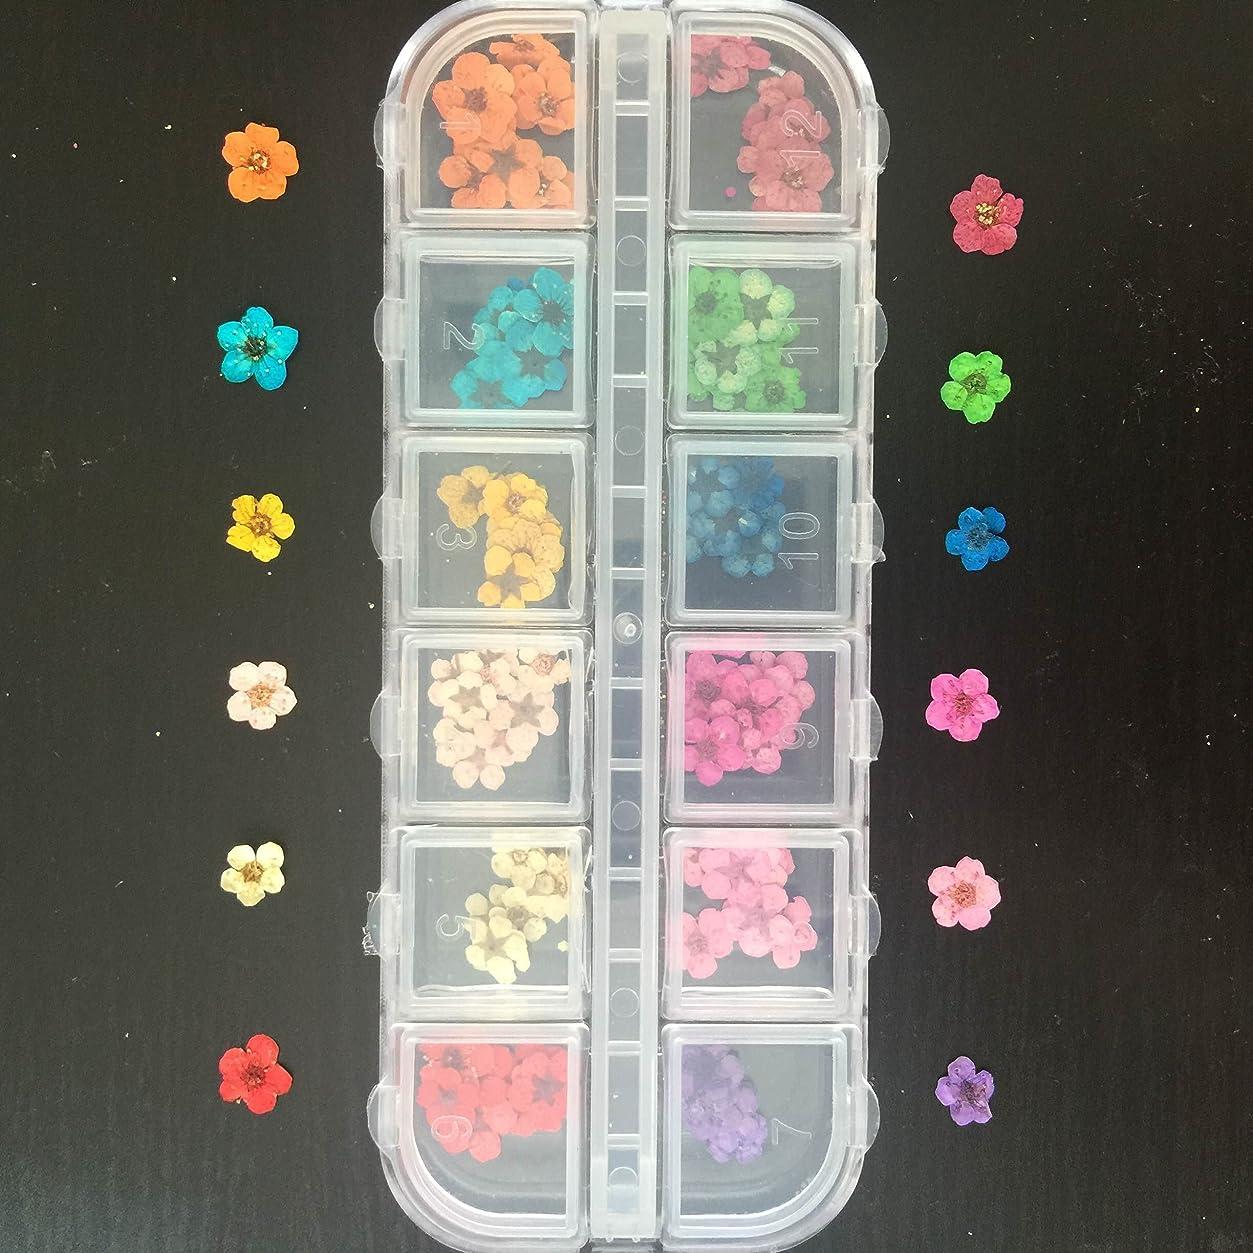 スロープ狂乱分子ドライフラワー上質押し花120枚ケース入 ネイル&レジンアート用12色×各10枚